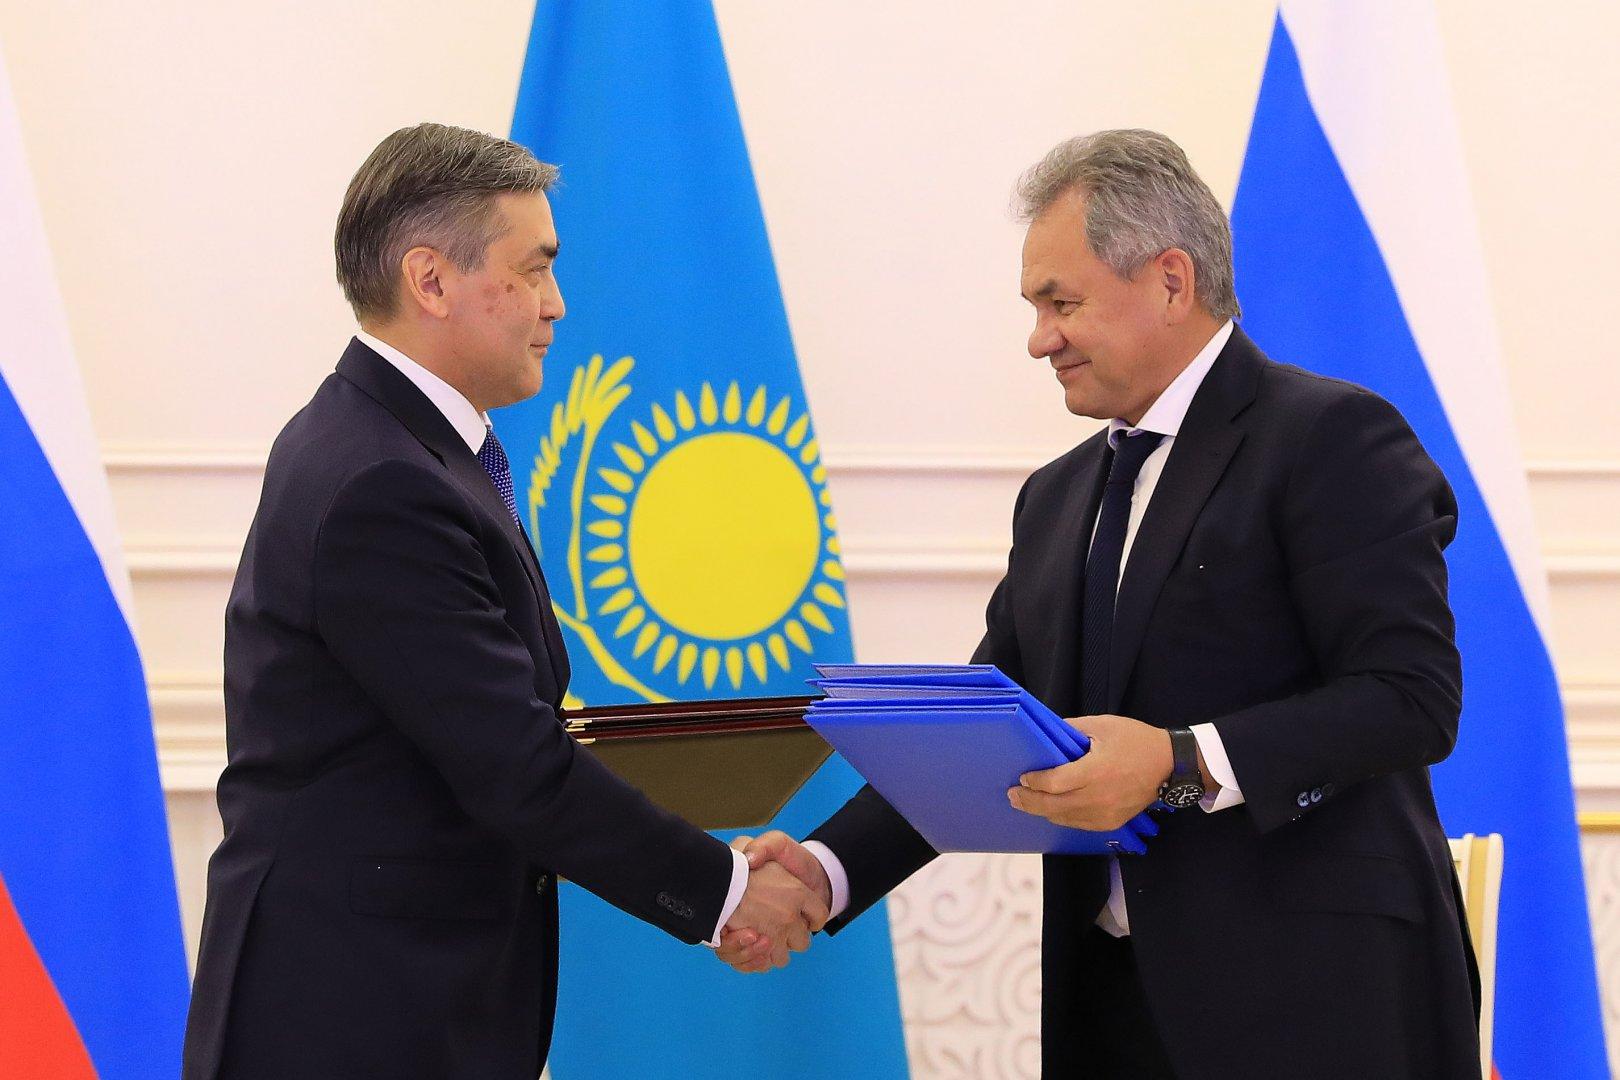 Министр обороны Казахстана встретился с главой оборонного ведомства России